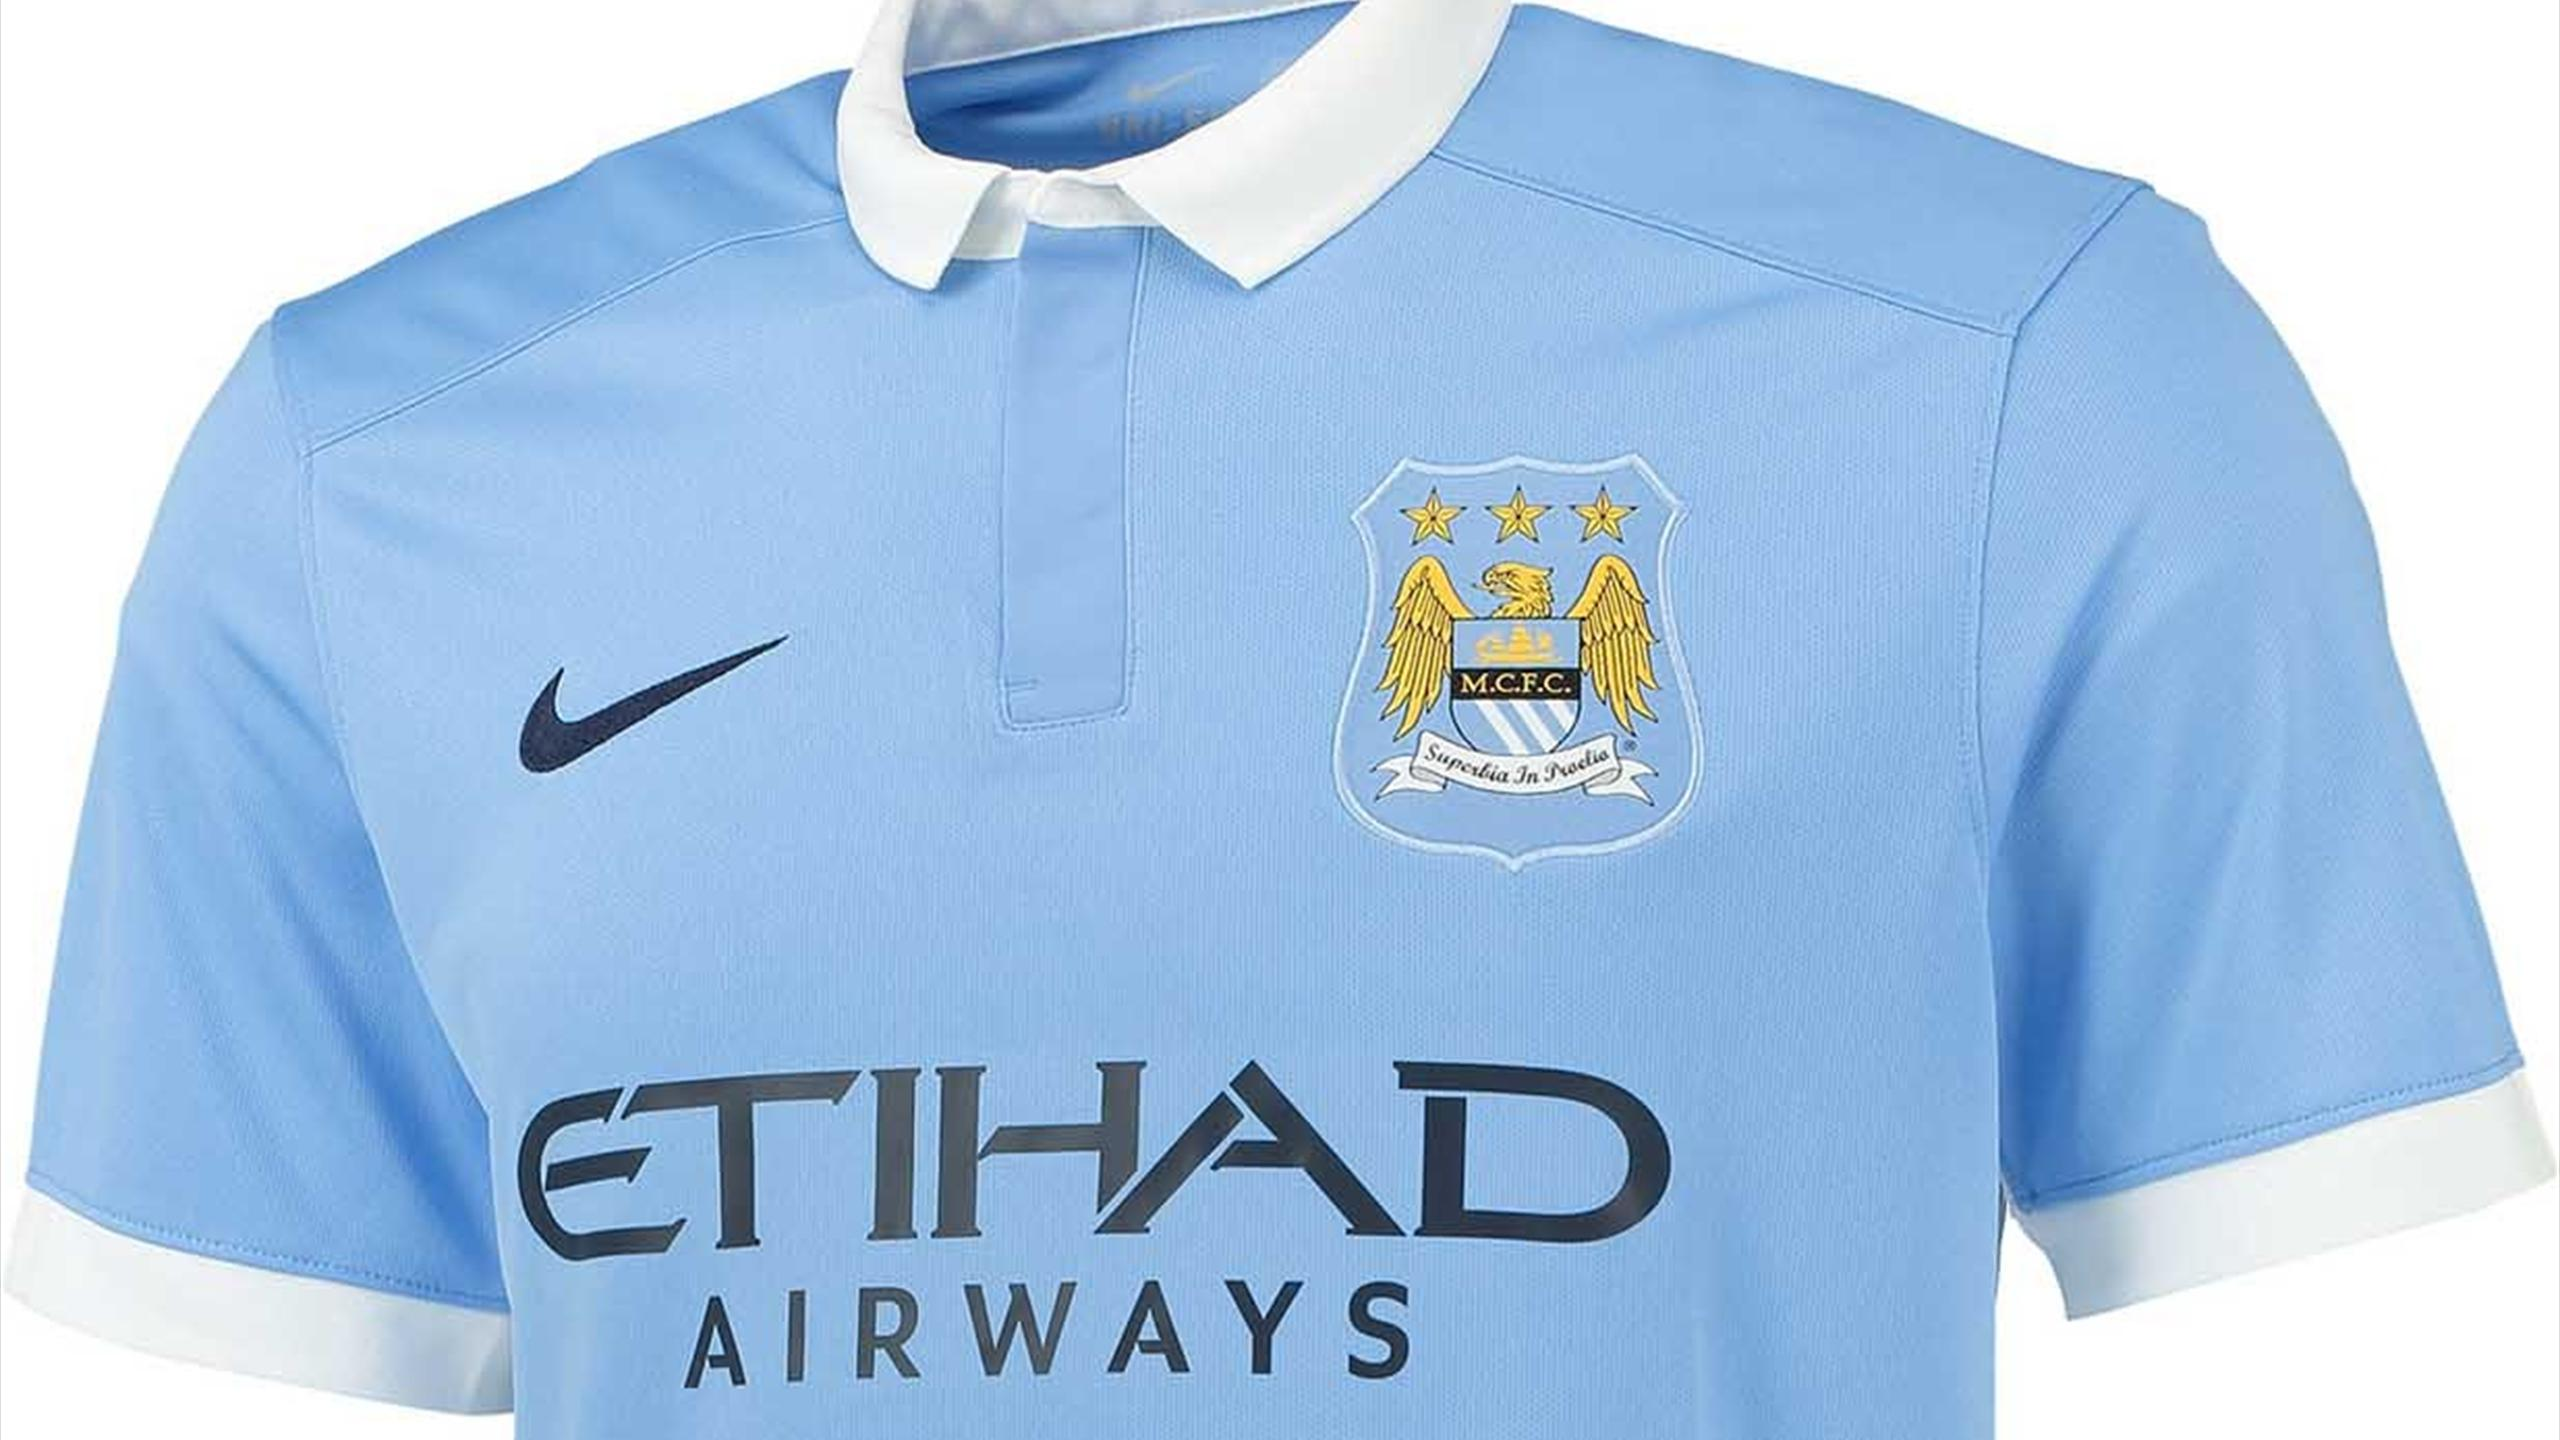 Así vestirán los equipos de la Premier League 2015 16 - Eurosport ... eac8dfe125791